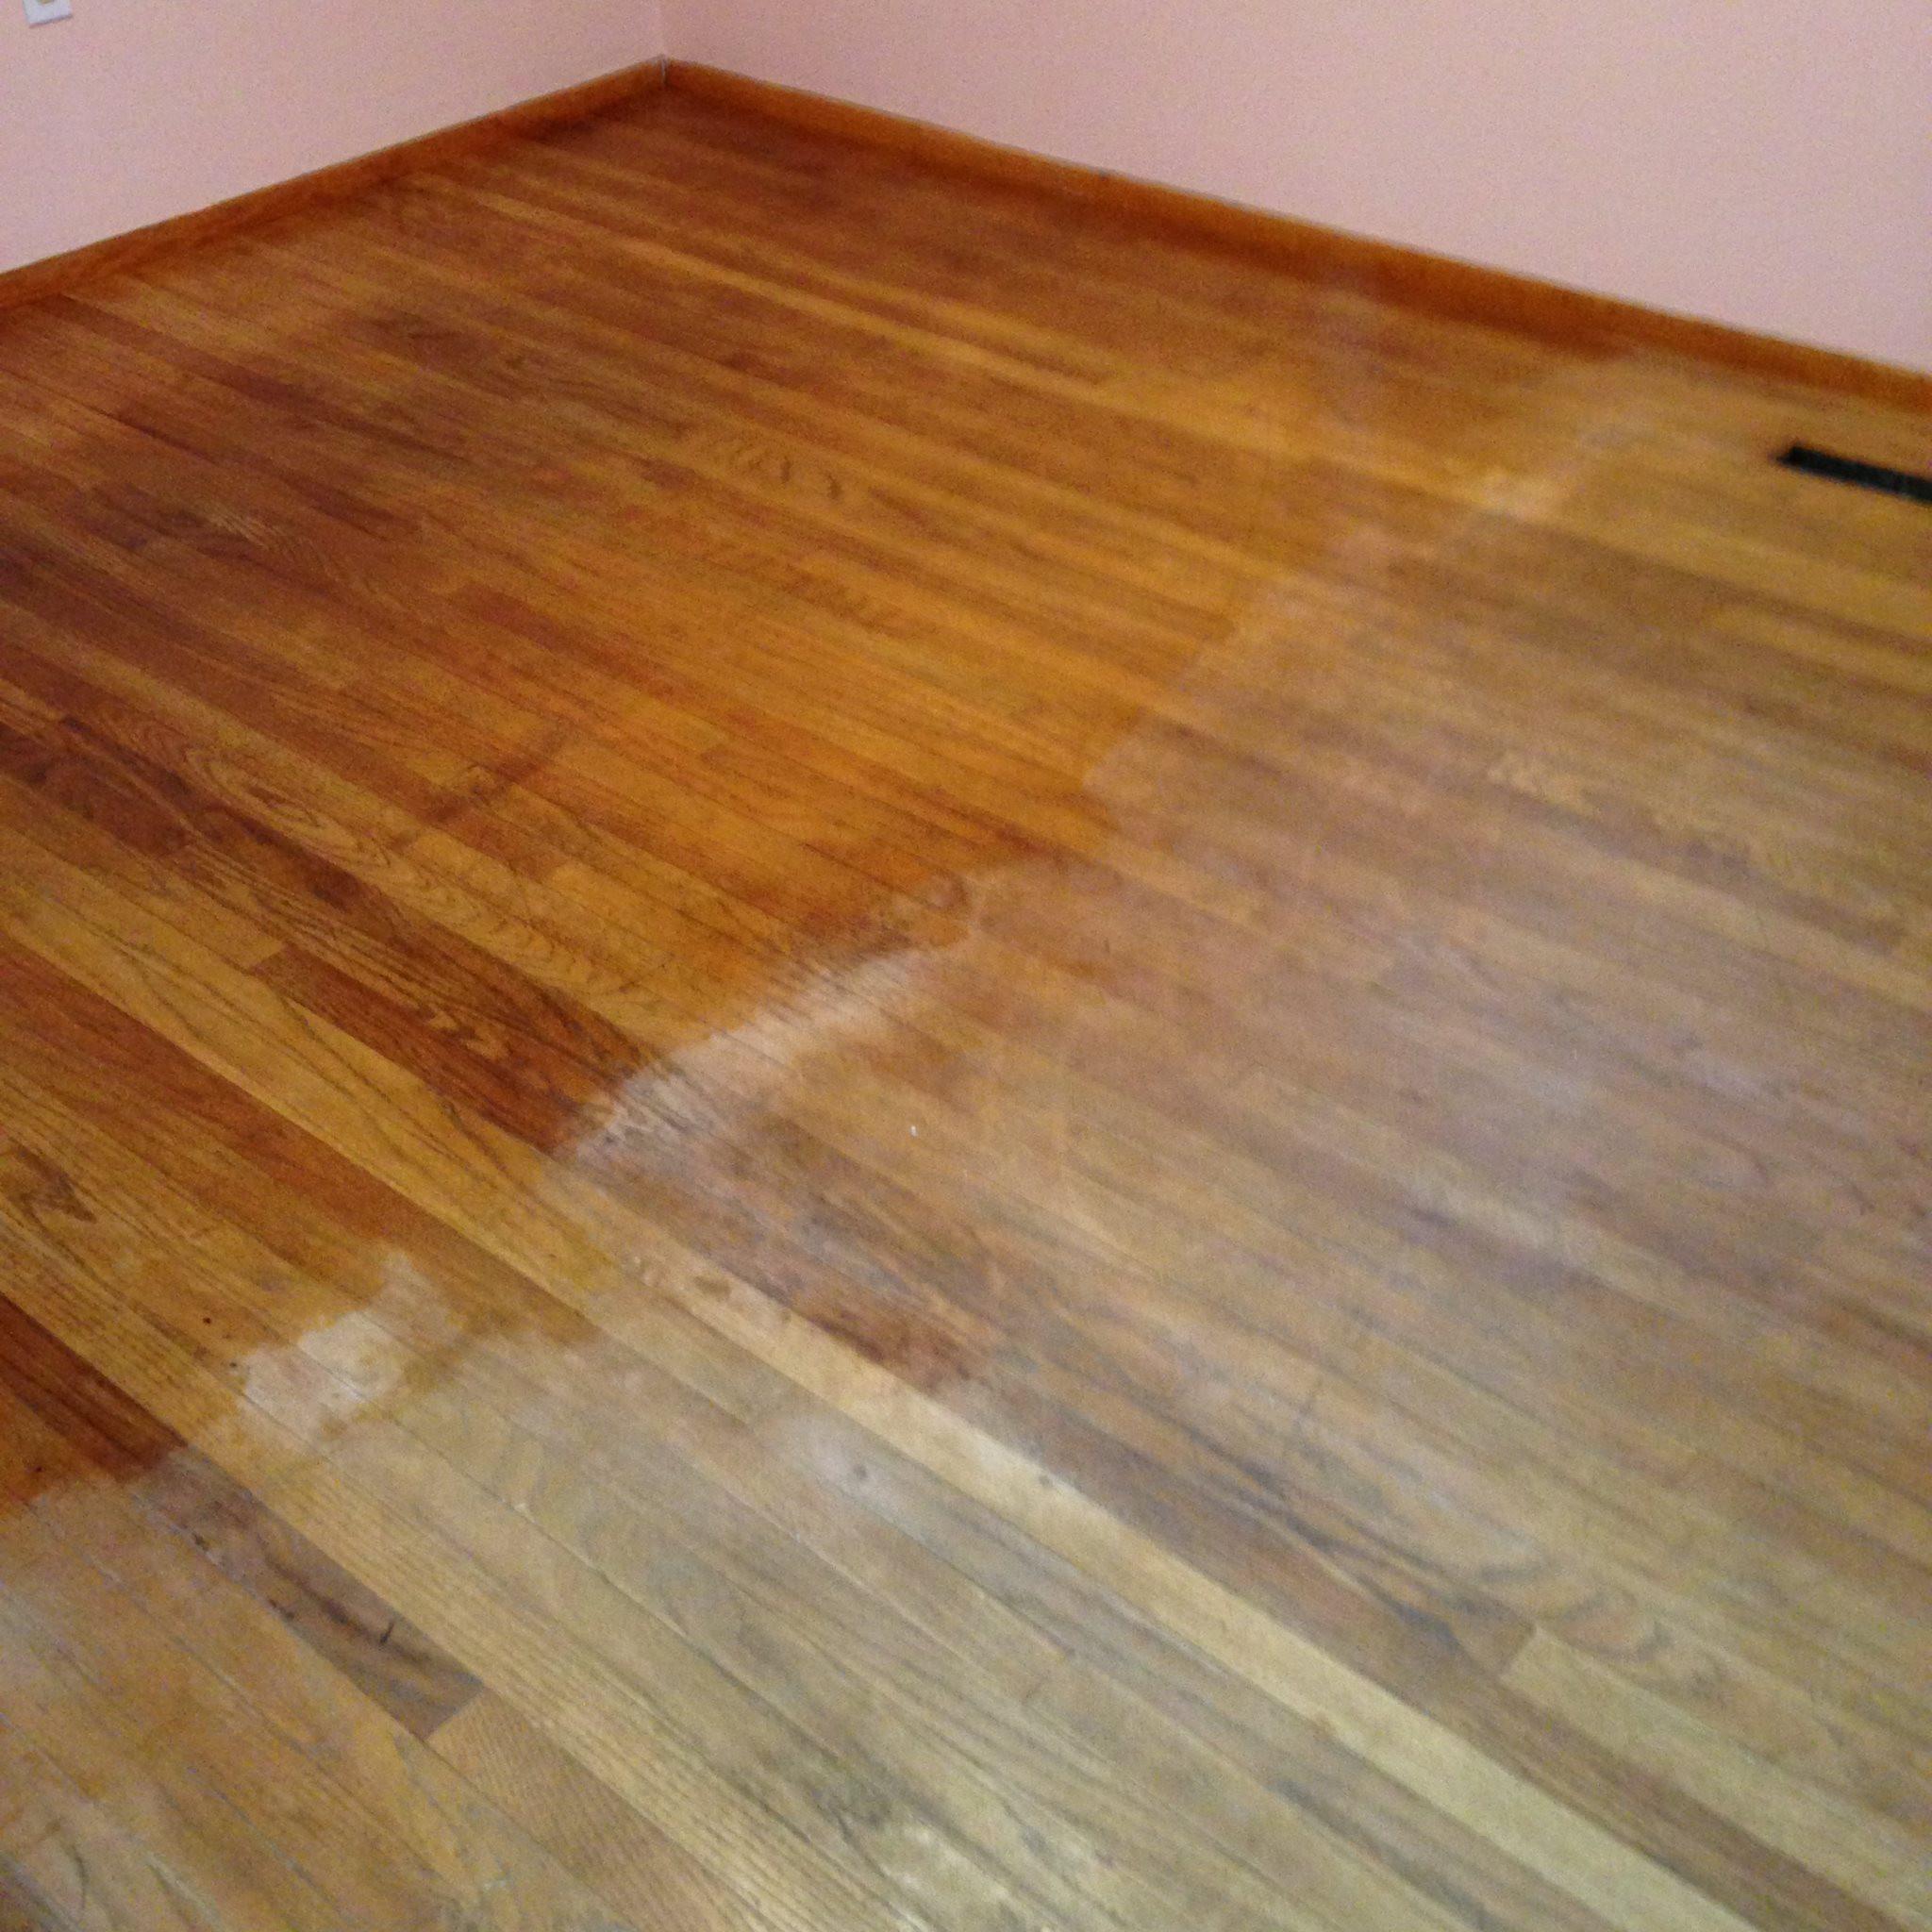 hardwood floor sanding vacuum of 15 wood floor hacks every homeowner needs to know within wood floor hacks 15